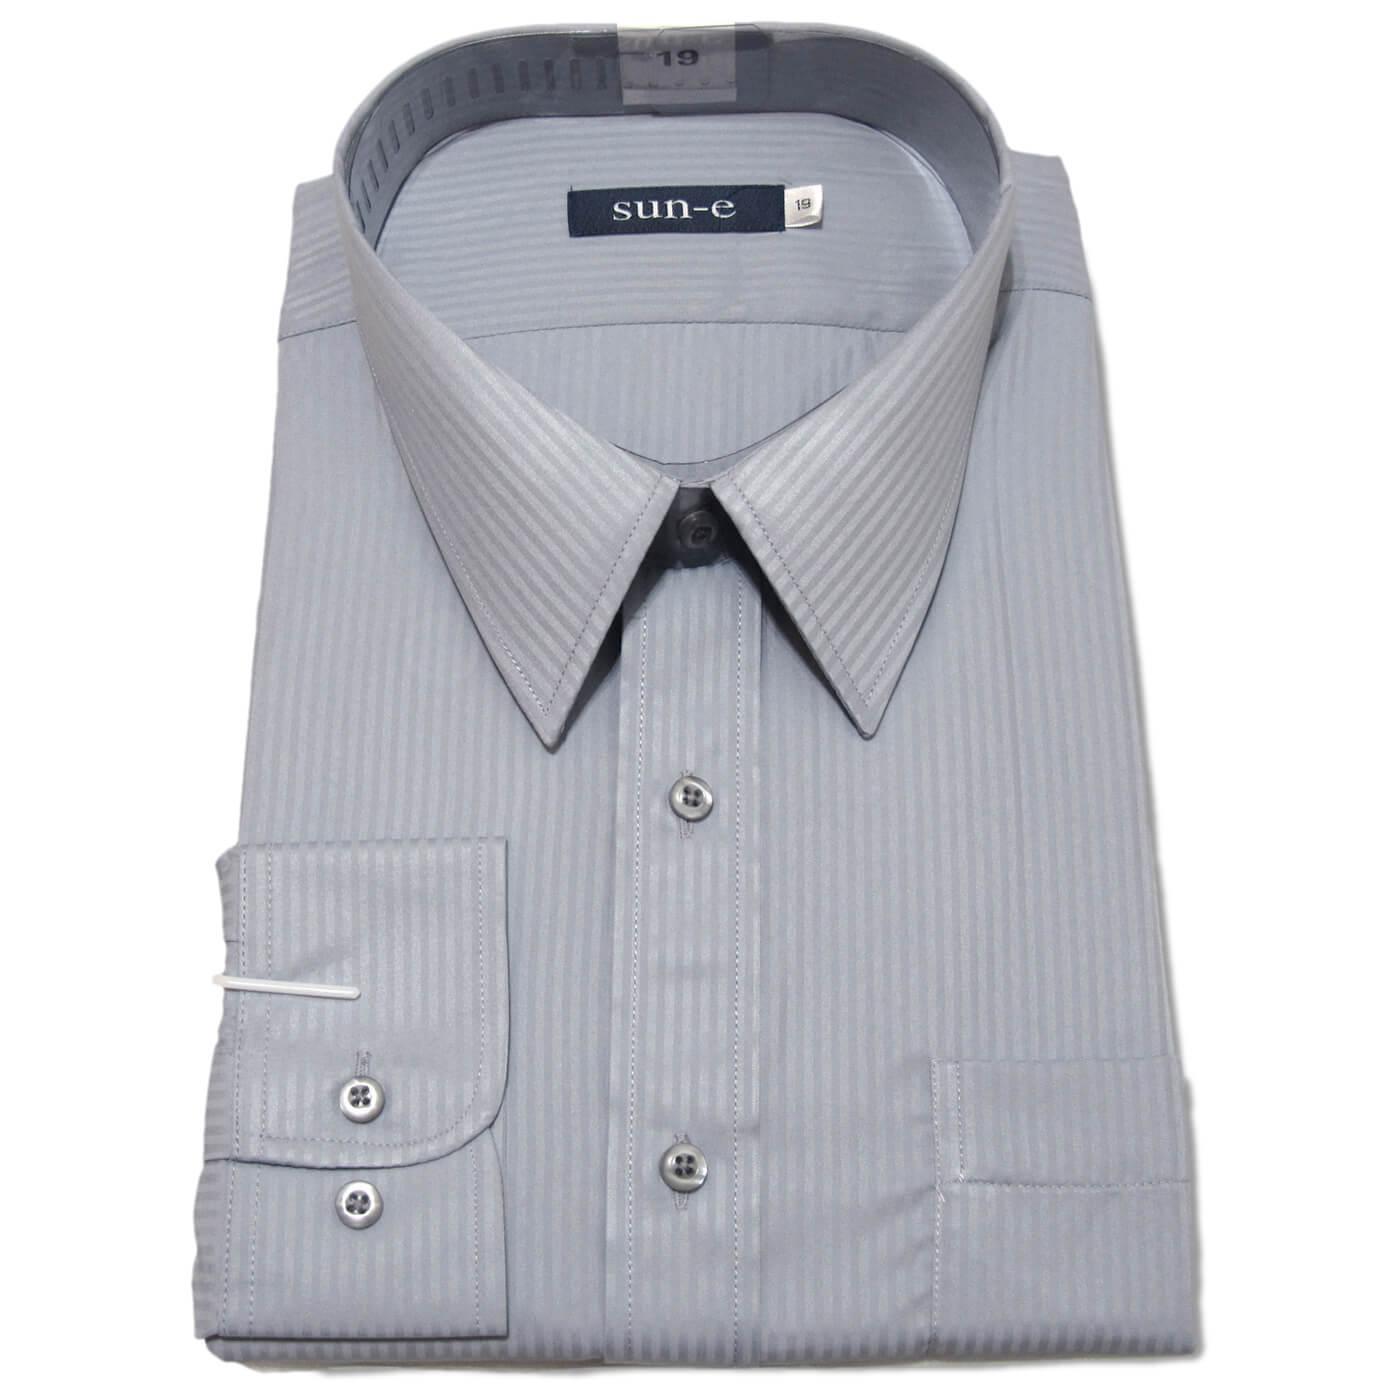 長袖條紋襯衫 標準襯衫 上班族襯衫 正式場合襯衫 商務襯衫 面試襯衫 柔棉舒適不皺免燙長袖襯衫 一般及加大尺碼襯衫 五種顏色可供選擇(335-701-01)白色襯衫、(335-703-09)淺藍色襯衫、(335-707-22)灰色襯衫、(335-710-14)淺黃色襯衫、(335-711-21)黑色襯衫 [實體店面保障] sun-e 3